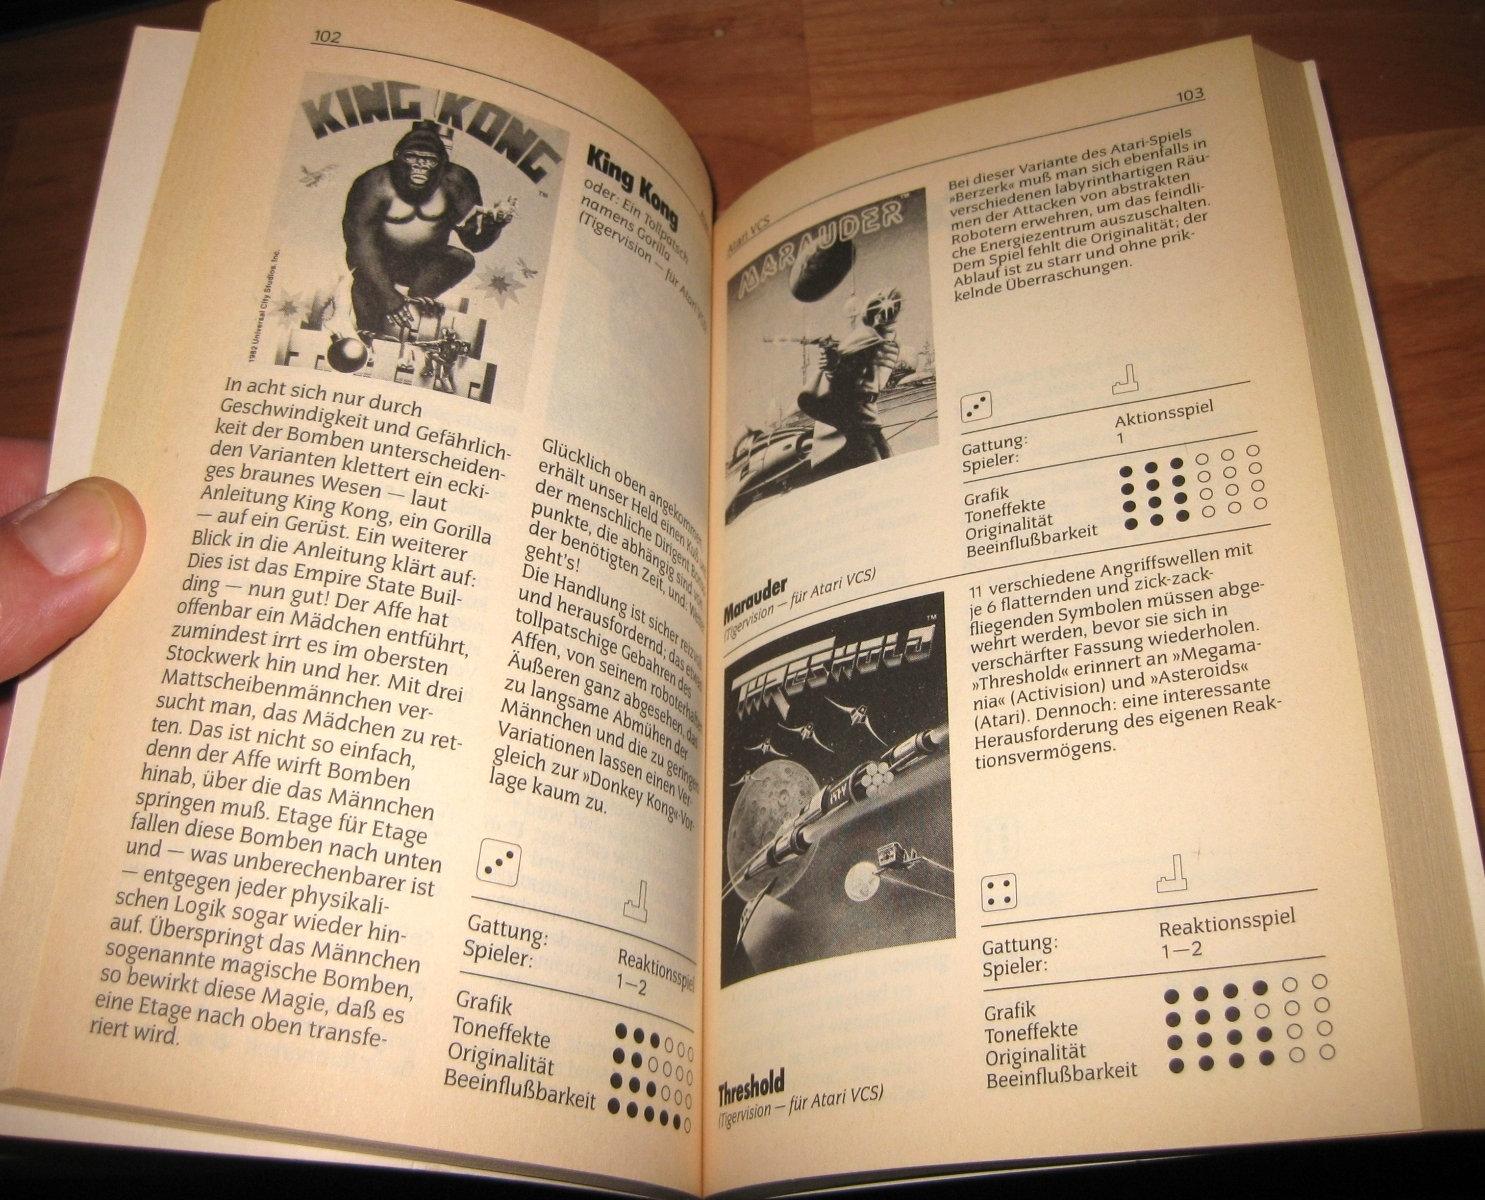 Zu Marauder schreibt der Autor: dem Spiel fehlt die Originalität. (Bild: Michael Braun)